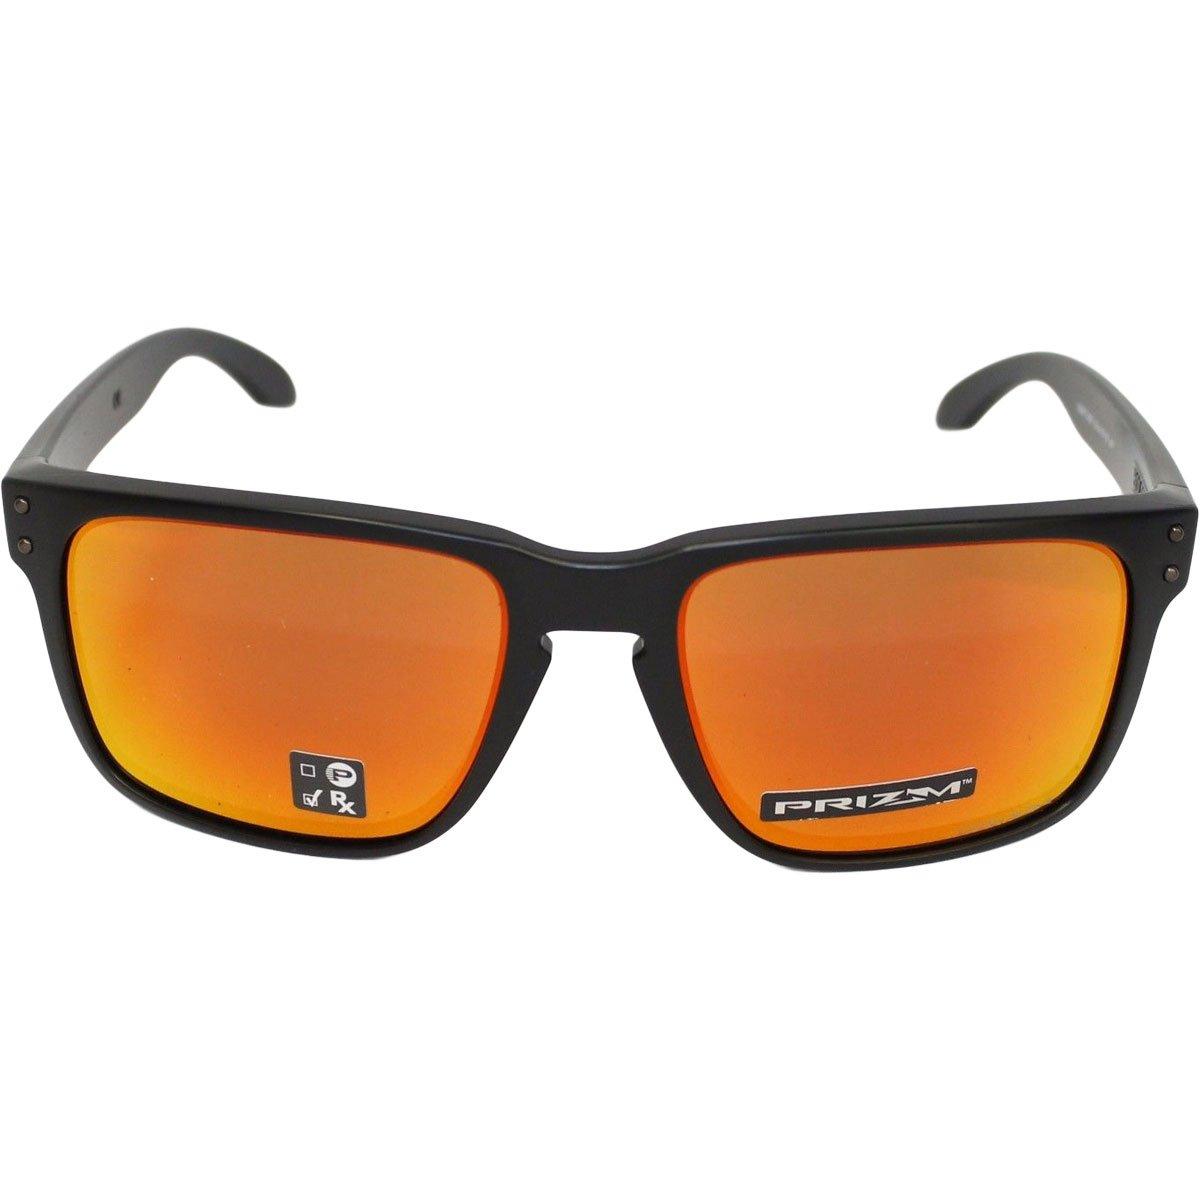 Oakley Holbrook XL Sunglasses, Matte Black/Prizm Ruby, One Size